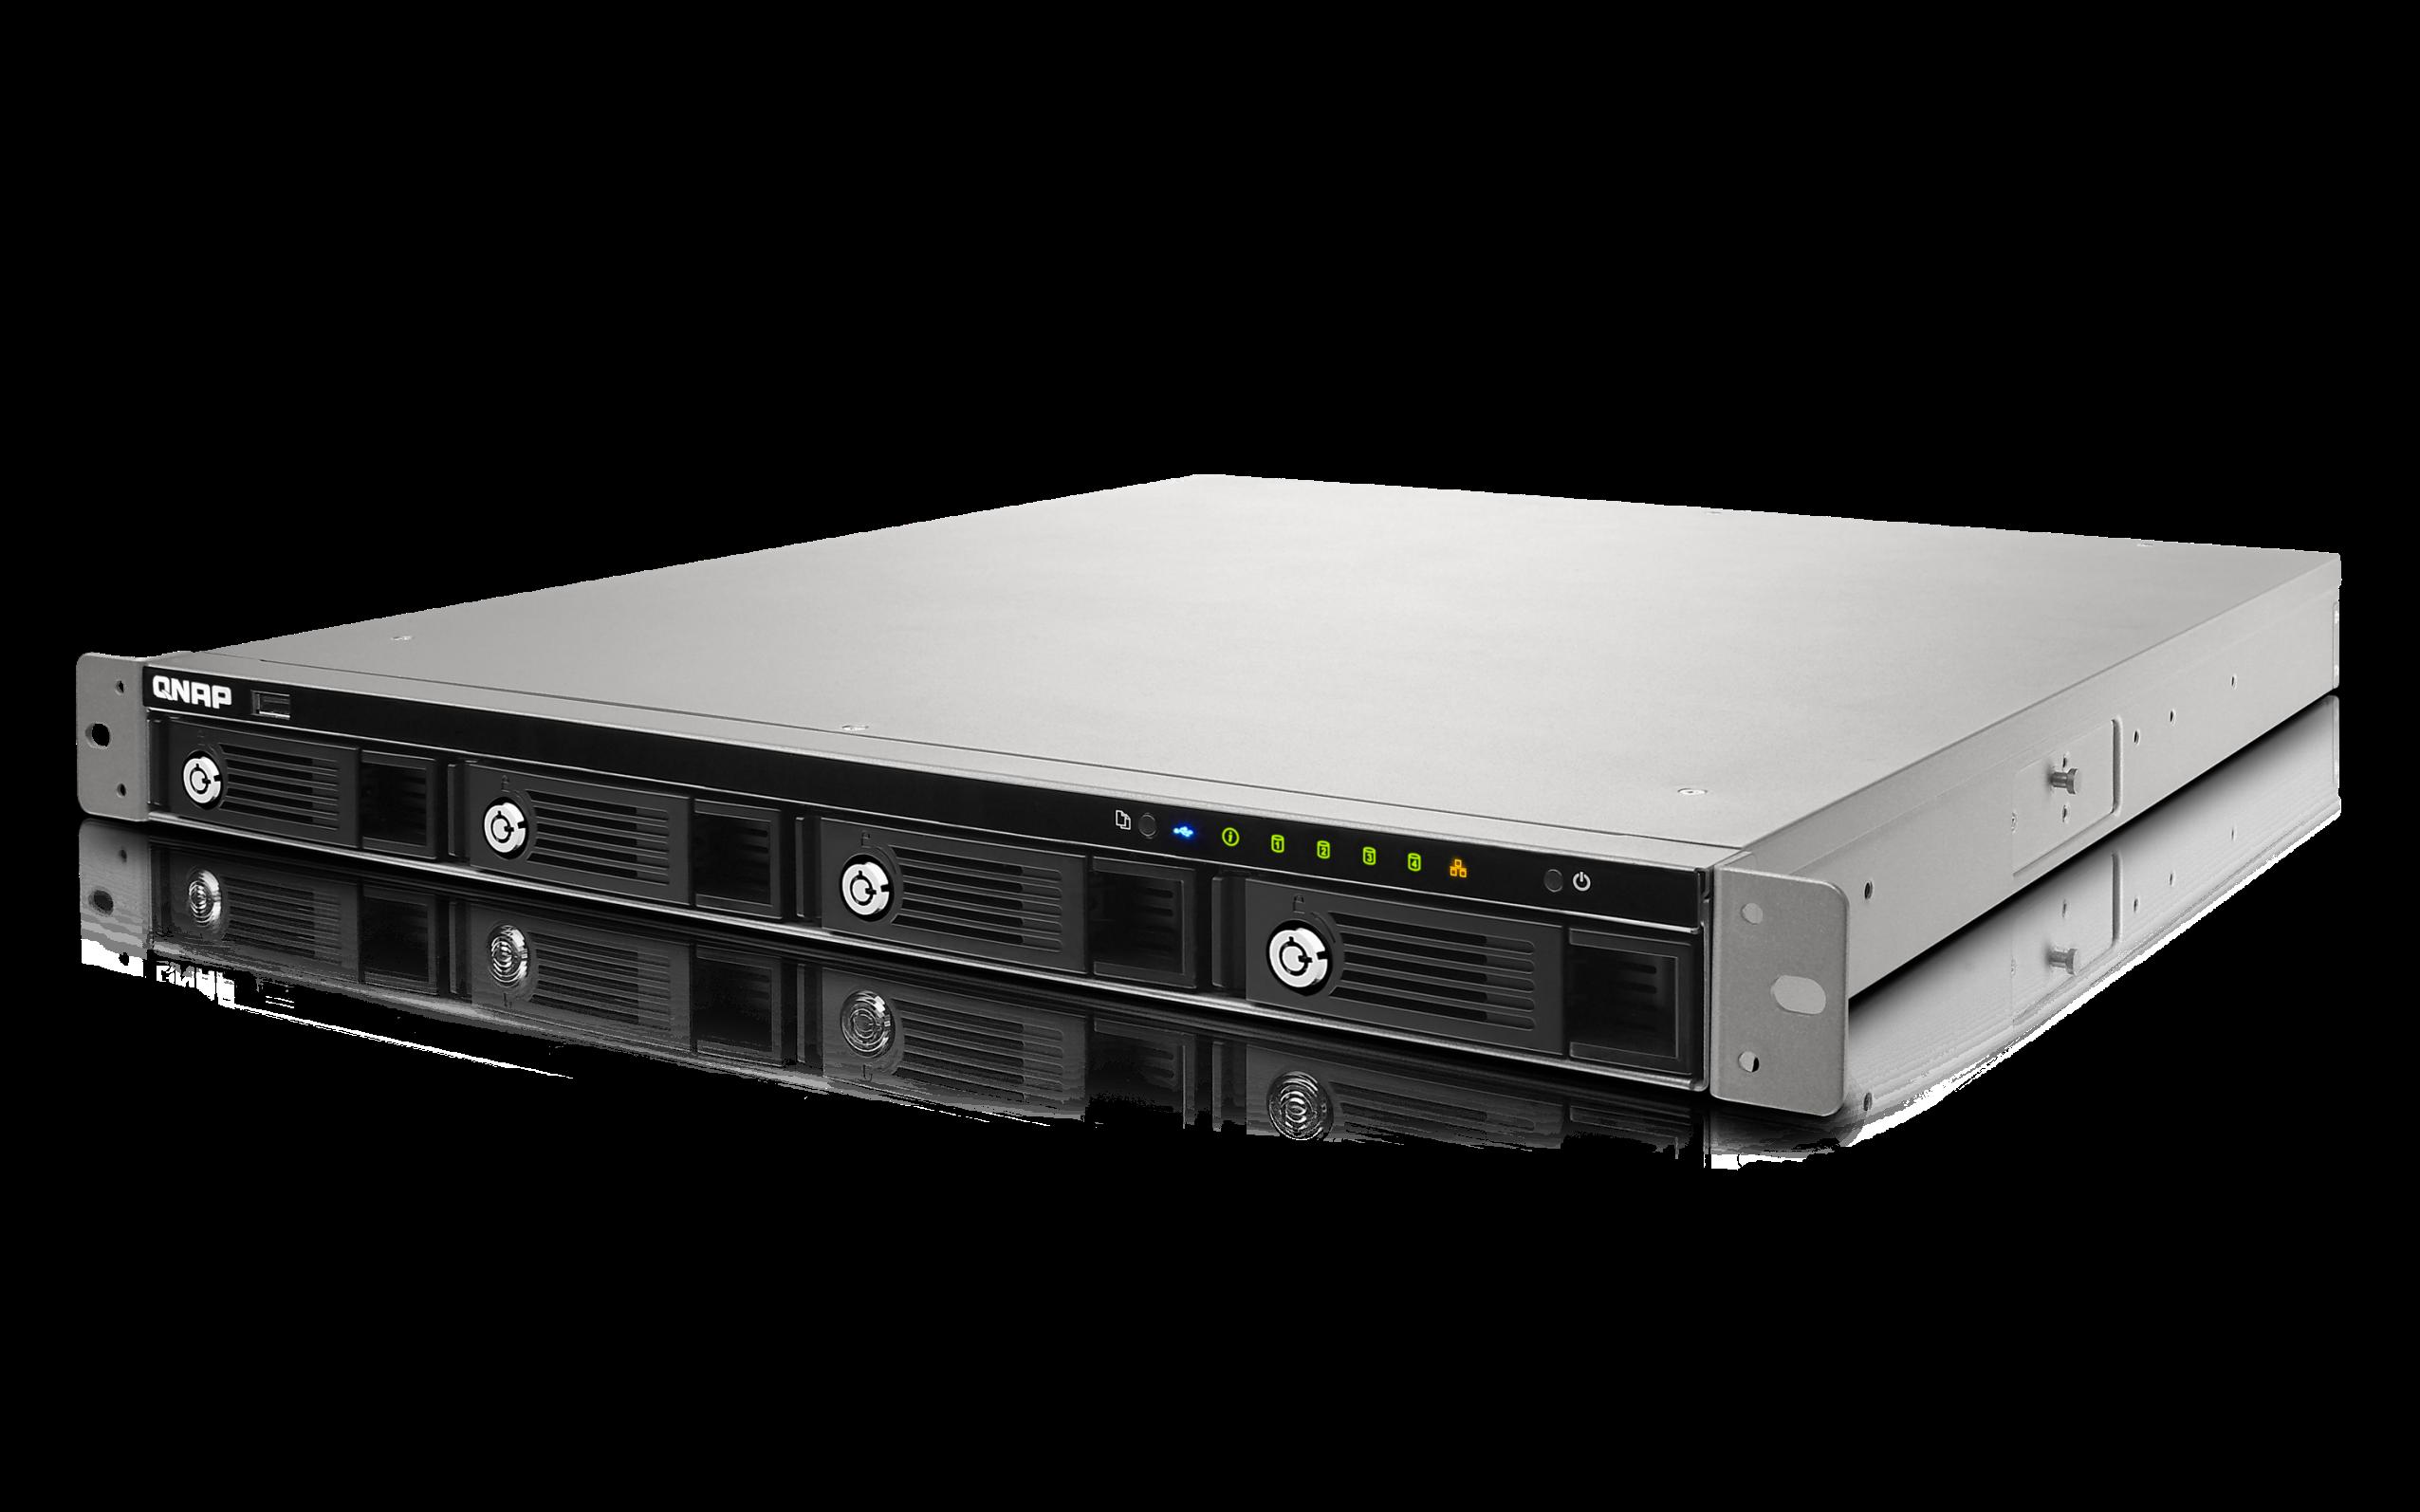 QNAP TS-453U-RP (2,41G/4GB RAM/4xSATA)